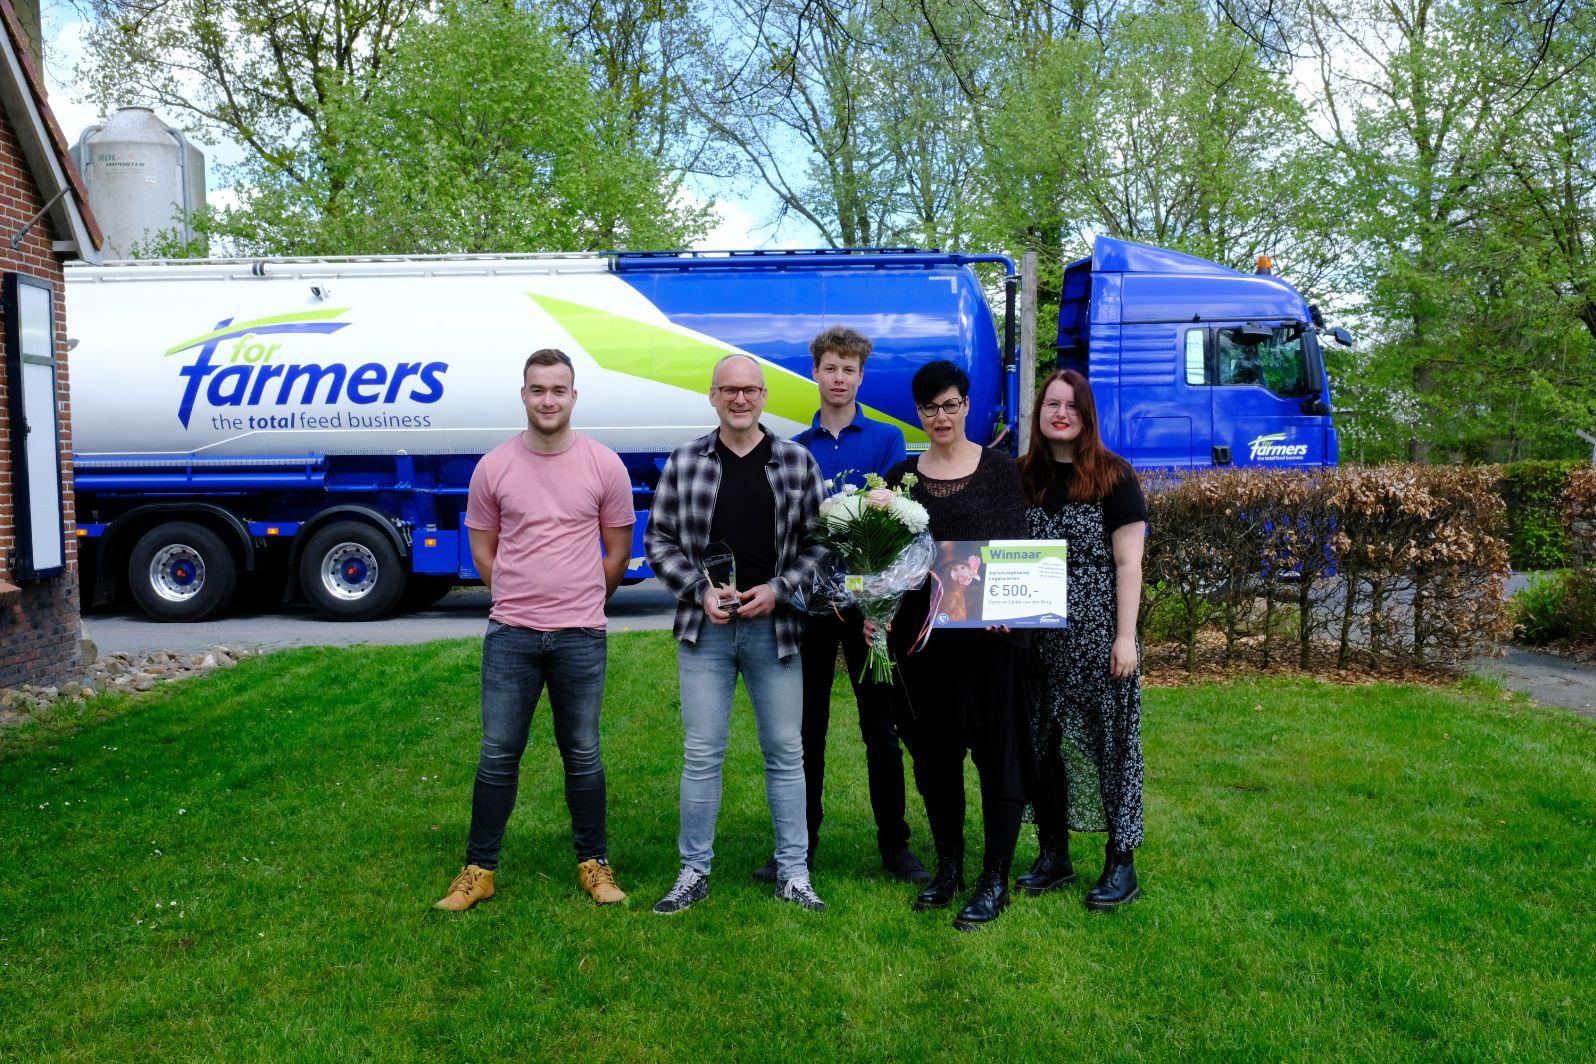 Prijs voor leghennenbedrijf Van den Berg vanwege aandacht voor dier, mens en toekomst